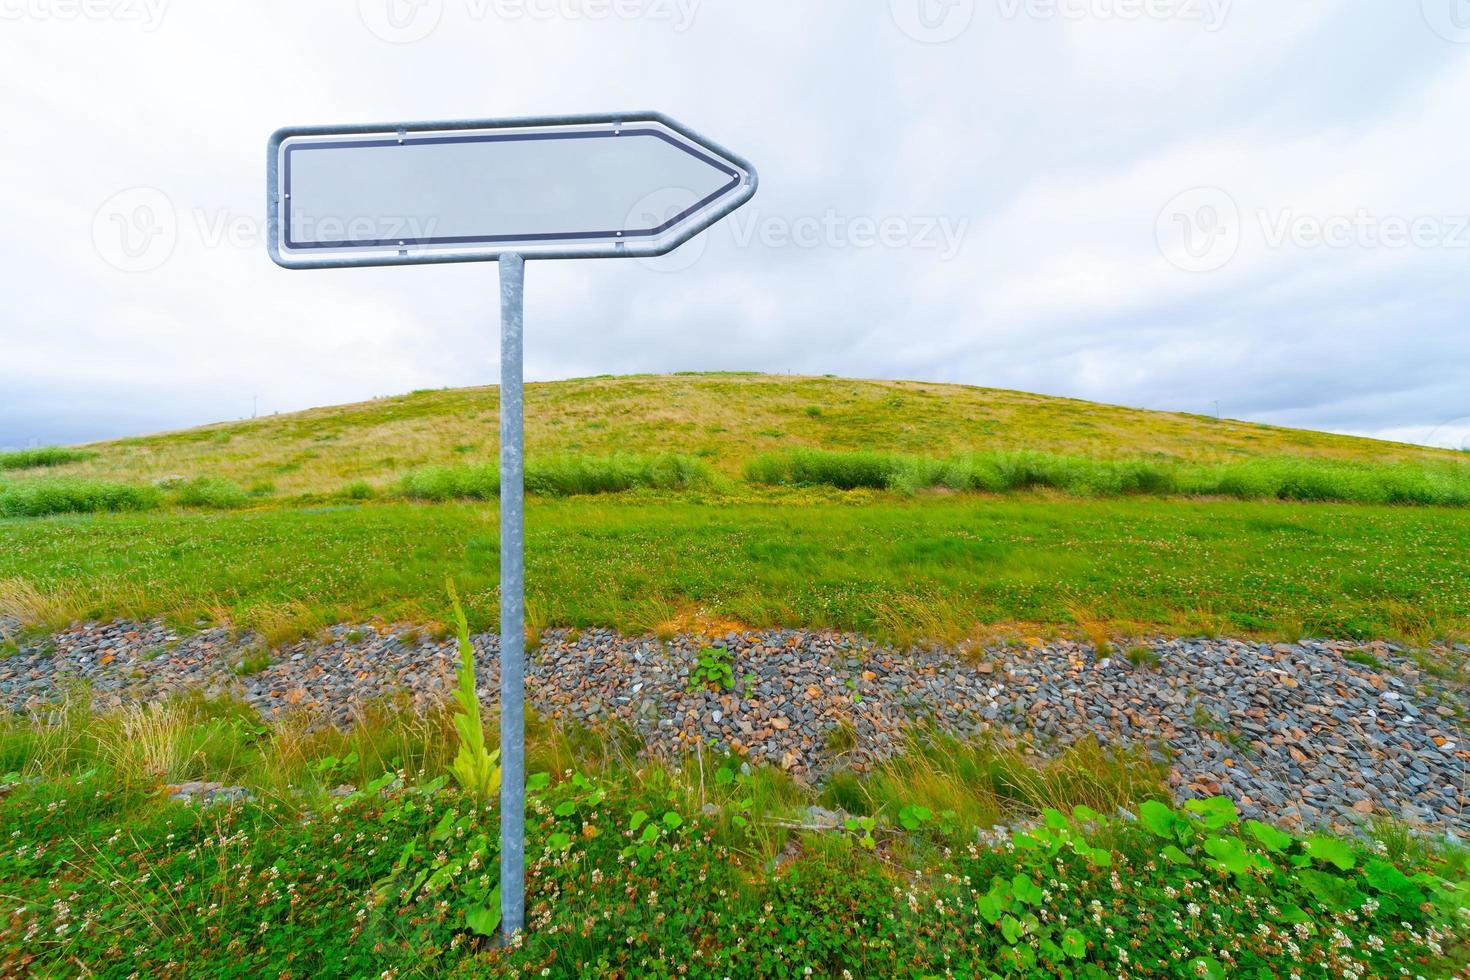 freccia del segnale stradale in bianco foto